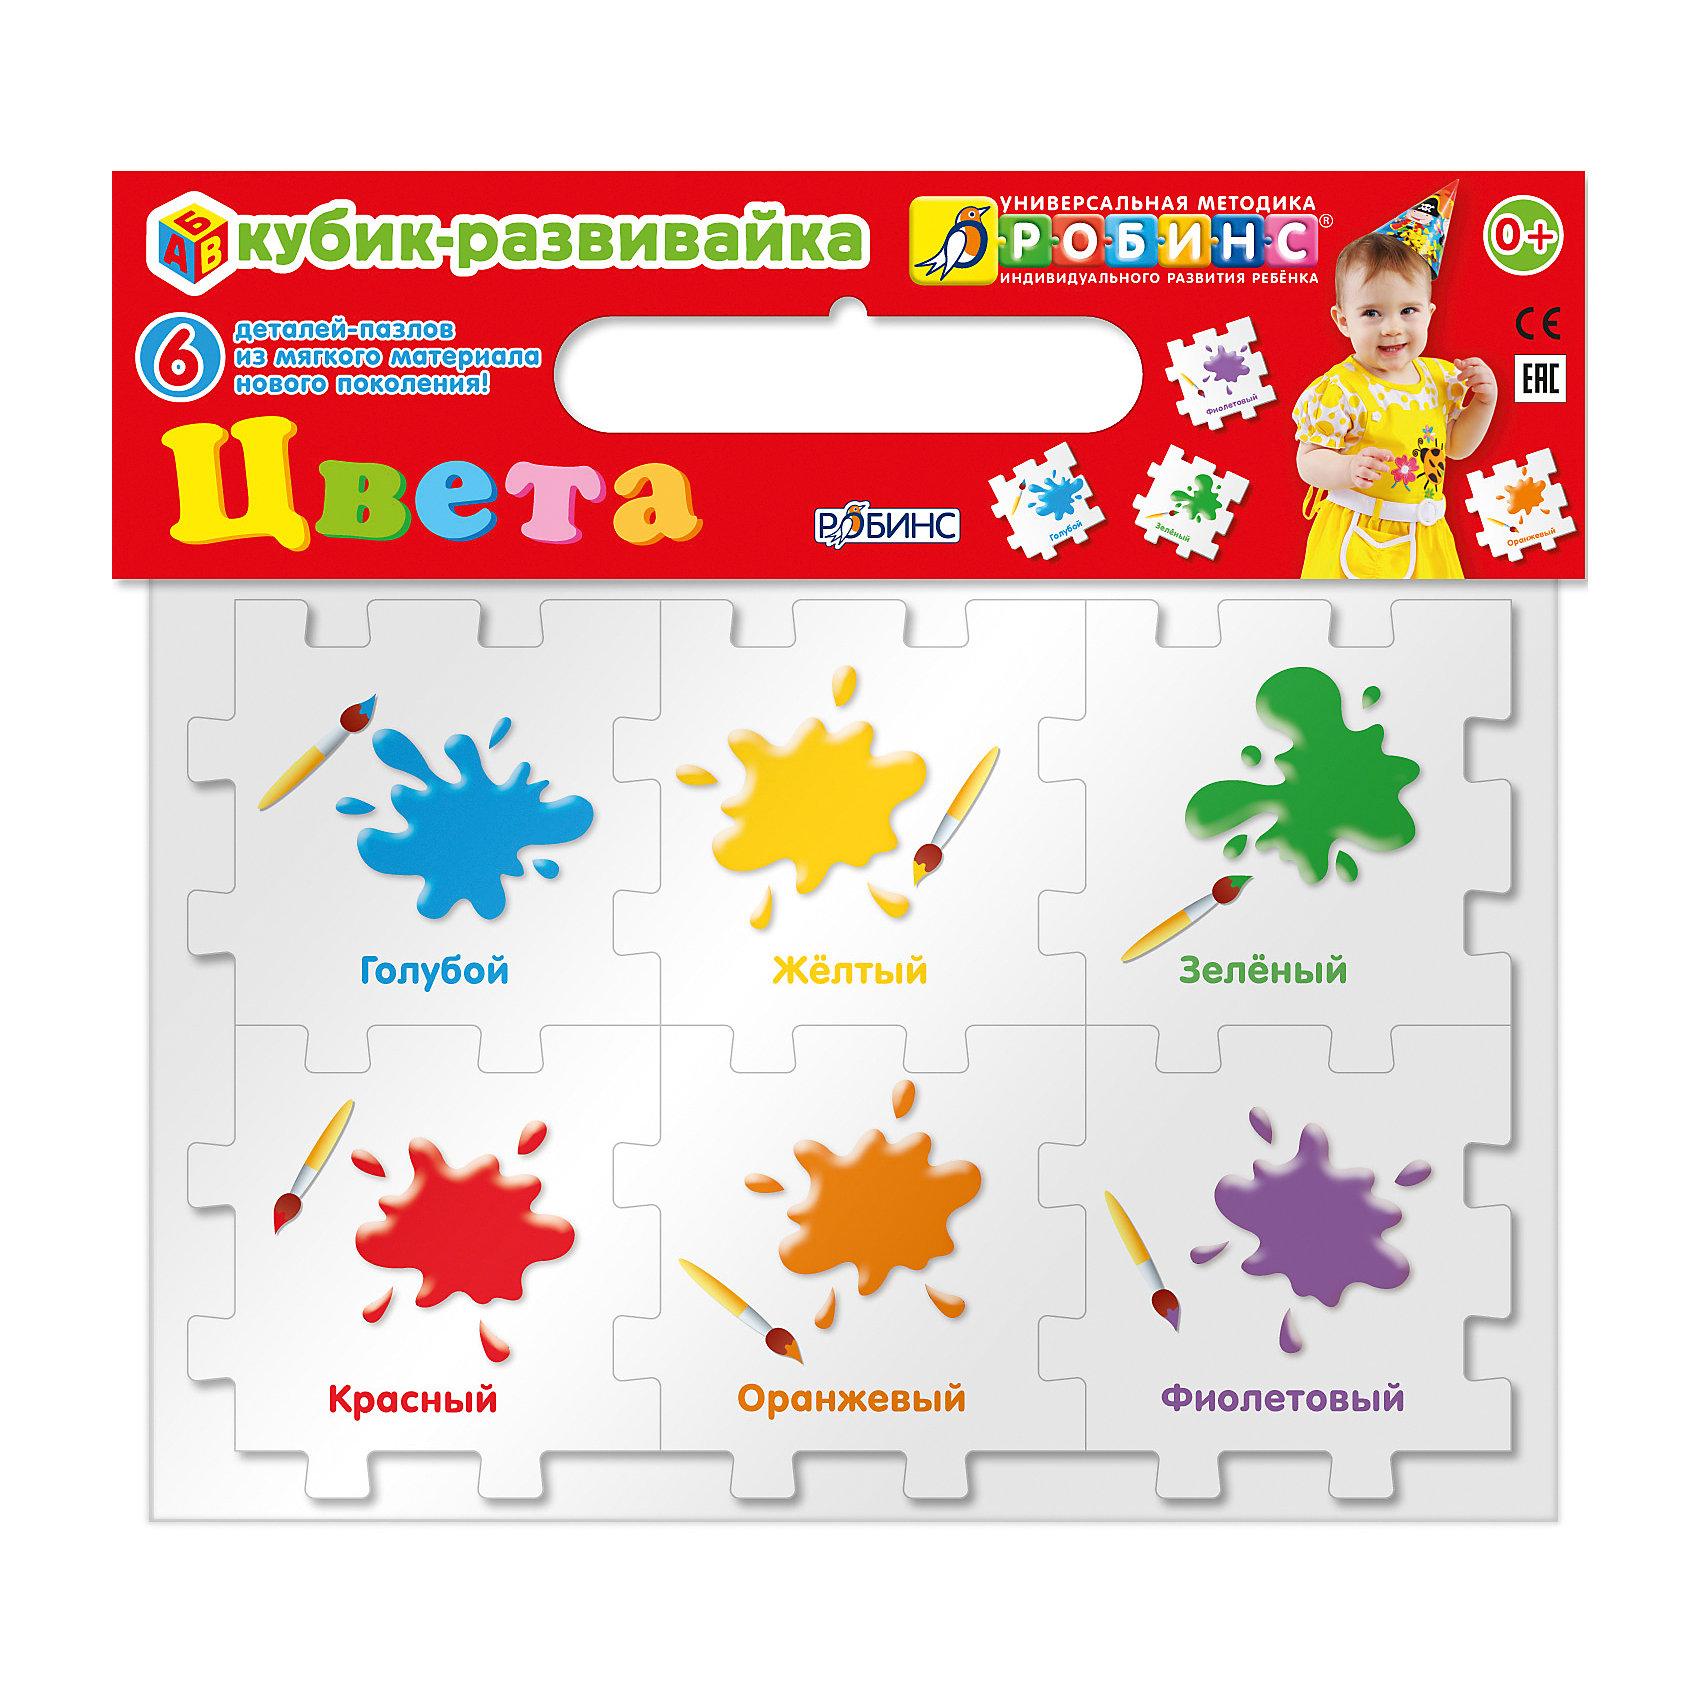 Кубик-развивайка: ЦветаИзучаем цвета и формы<br>Набор Кубик-развивайка. Цвета состоит из 6 деталей-пазлов, которые складываются в объемный кубик. Занятия с ними тренируют мелкую моторику, а также способствуют развитию мышления, памяти, внимания, эмоциональной сферы и навыков общения с родителями и сверстниками. Крупные яркие картинки сформируют у малыша четкое представление об основных цветах, которые он может встретить в жизни.<br>Мягкий безопасный материал EVA прекрасно подходит для игры в ванне. <br>Собирайте кубик или крепите детали на стены в ванной.<br>Собери большой набор.<br><br>Ширина мм: 315<br>Глубина мм: 230<br>Высота мм: 38<br>Вес г: 315<br>Возраст от месяцев: 36<br>Возраст до месяцев: 84<br>Пол: Унисекс<br>Возраст: Детский<br>SKU: 5034143